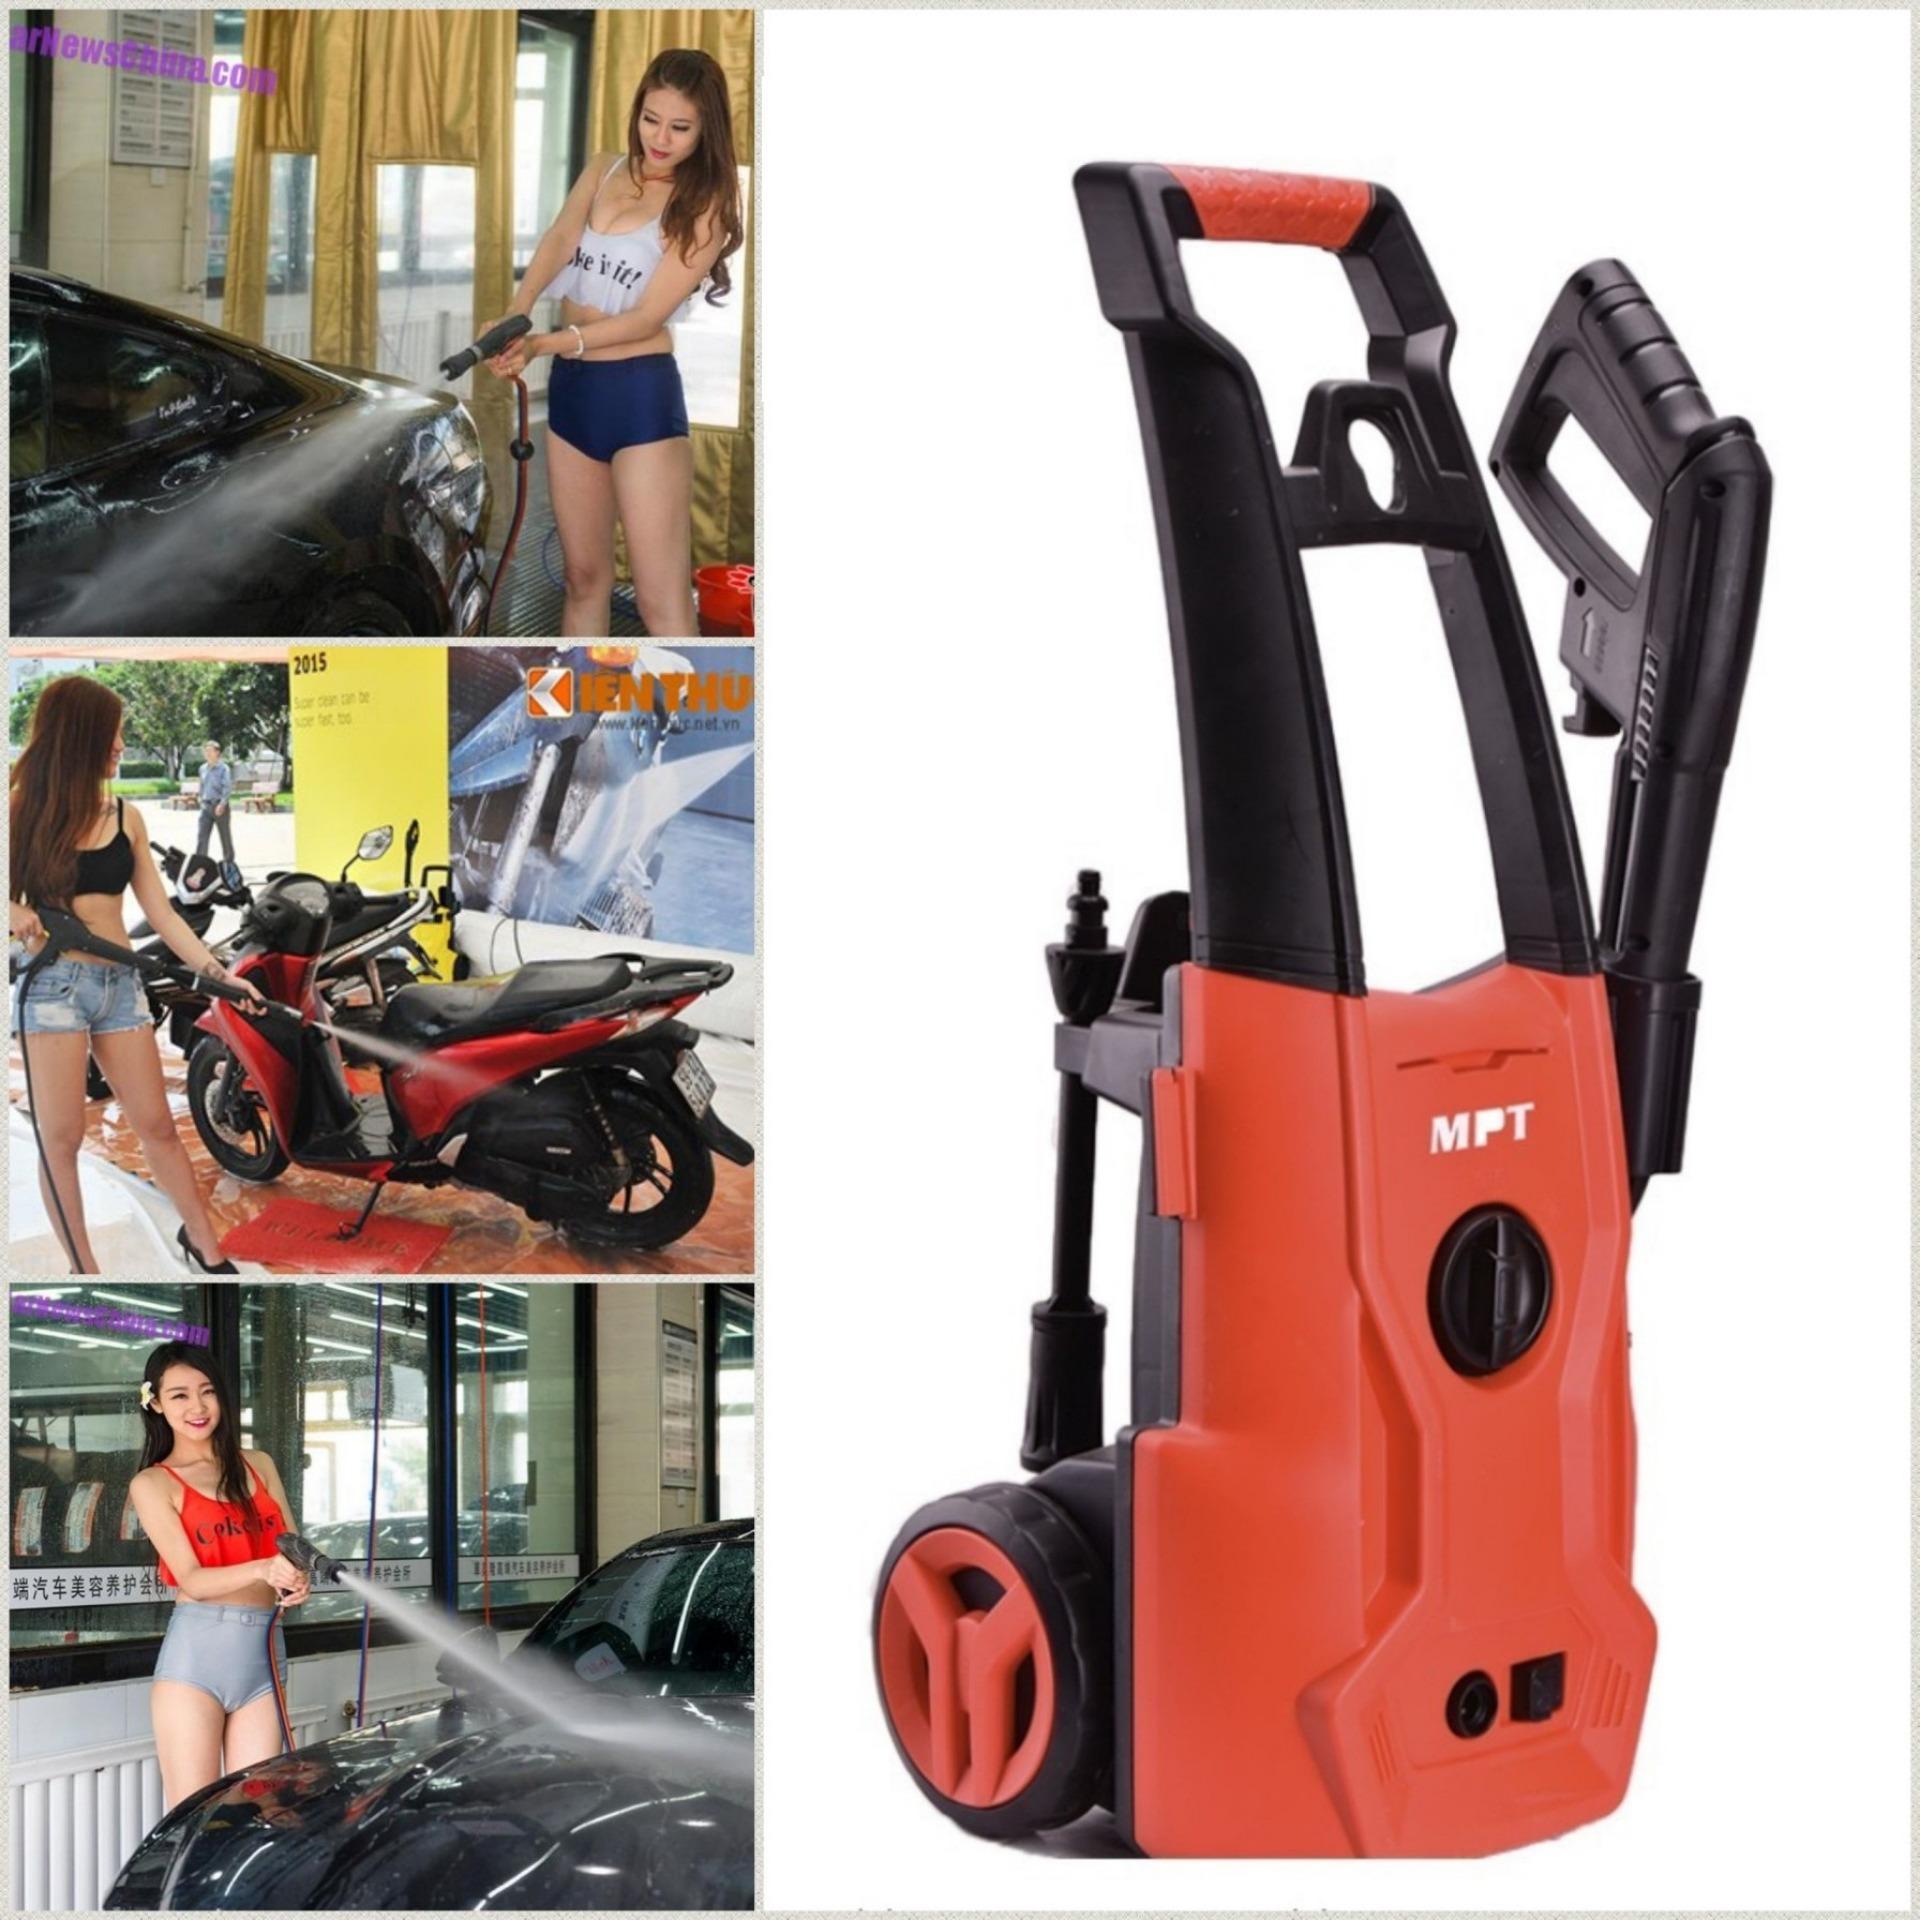 Gia máy bơm áp lực mini -Máy rửa xe gia đình loại tốt, giá rẻ MPT -Bảo hành 6 tháng